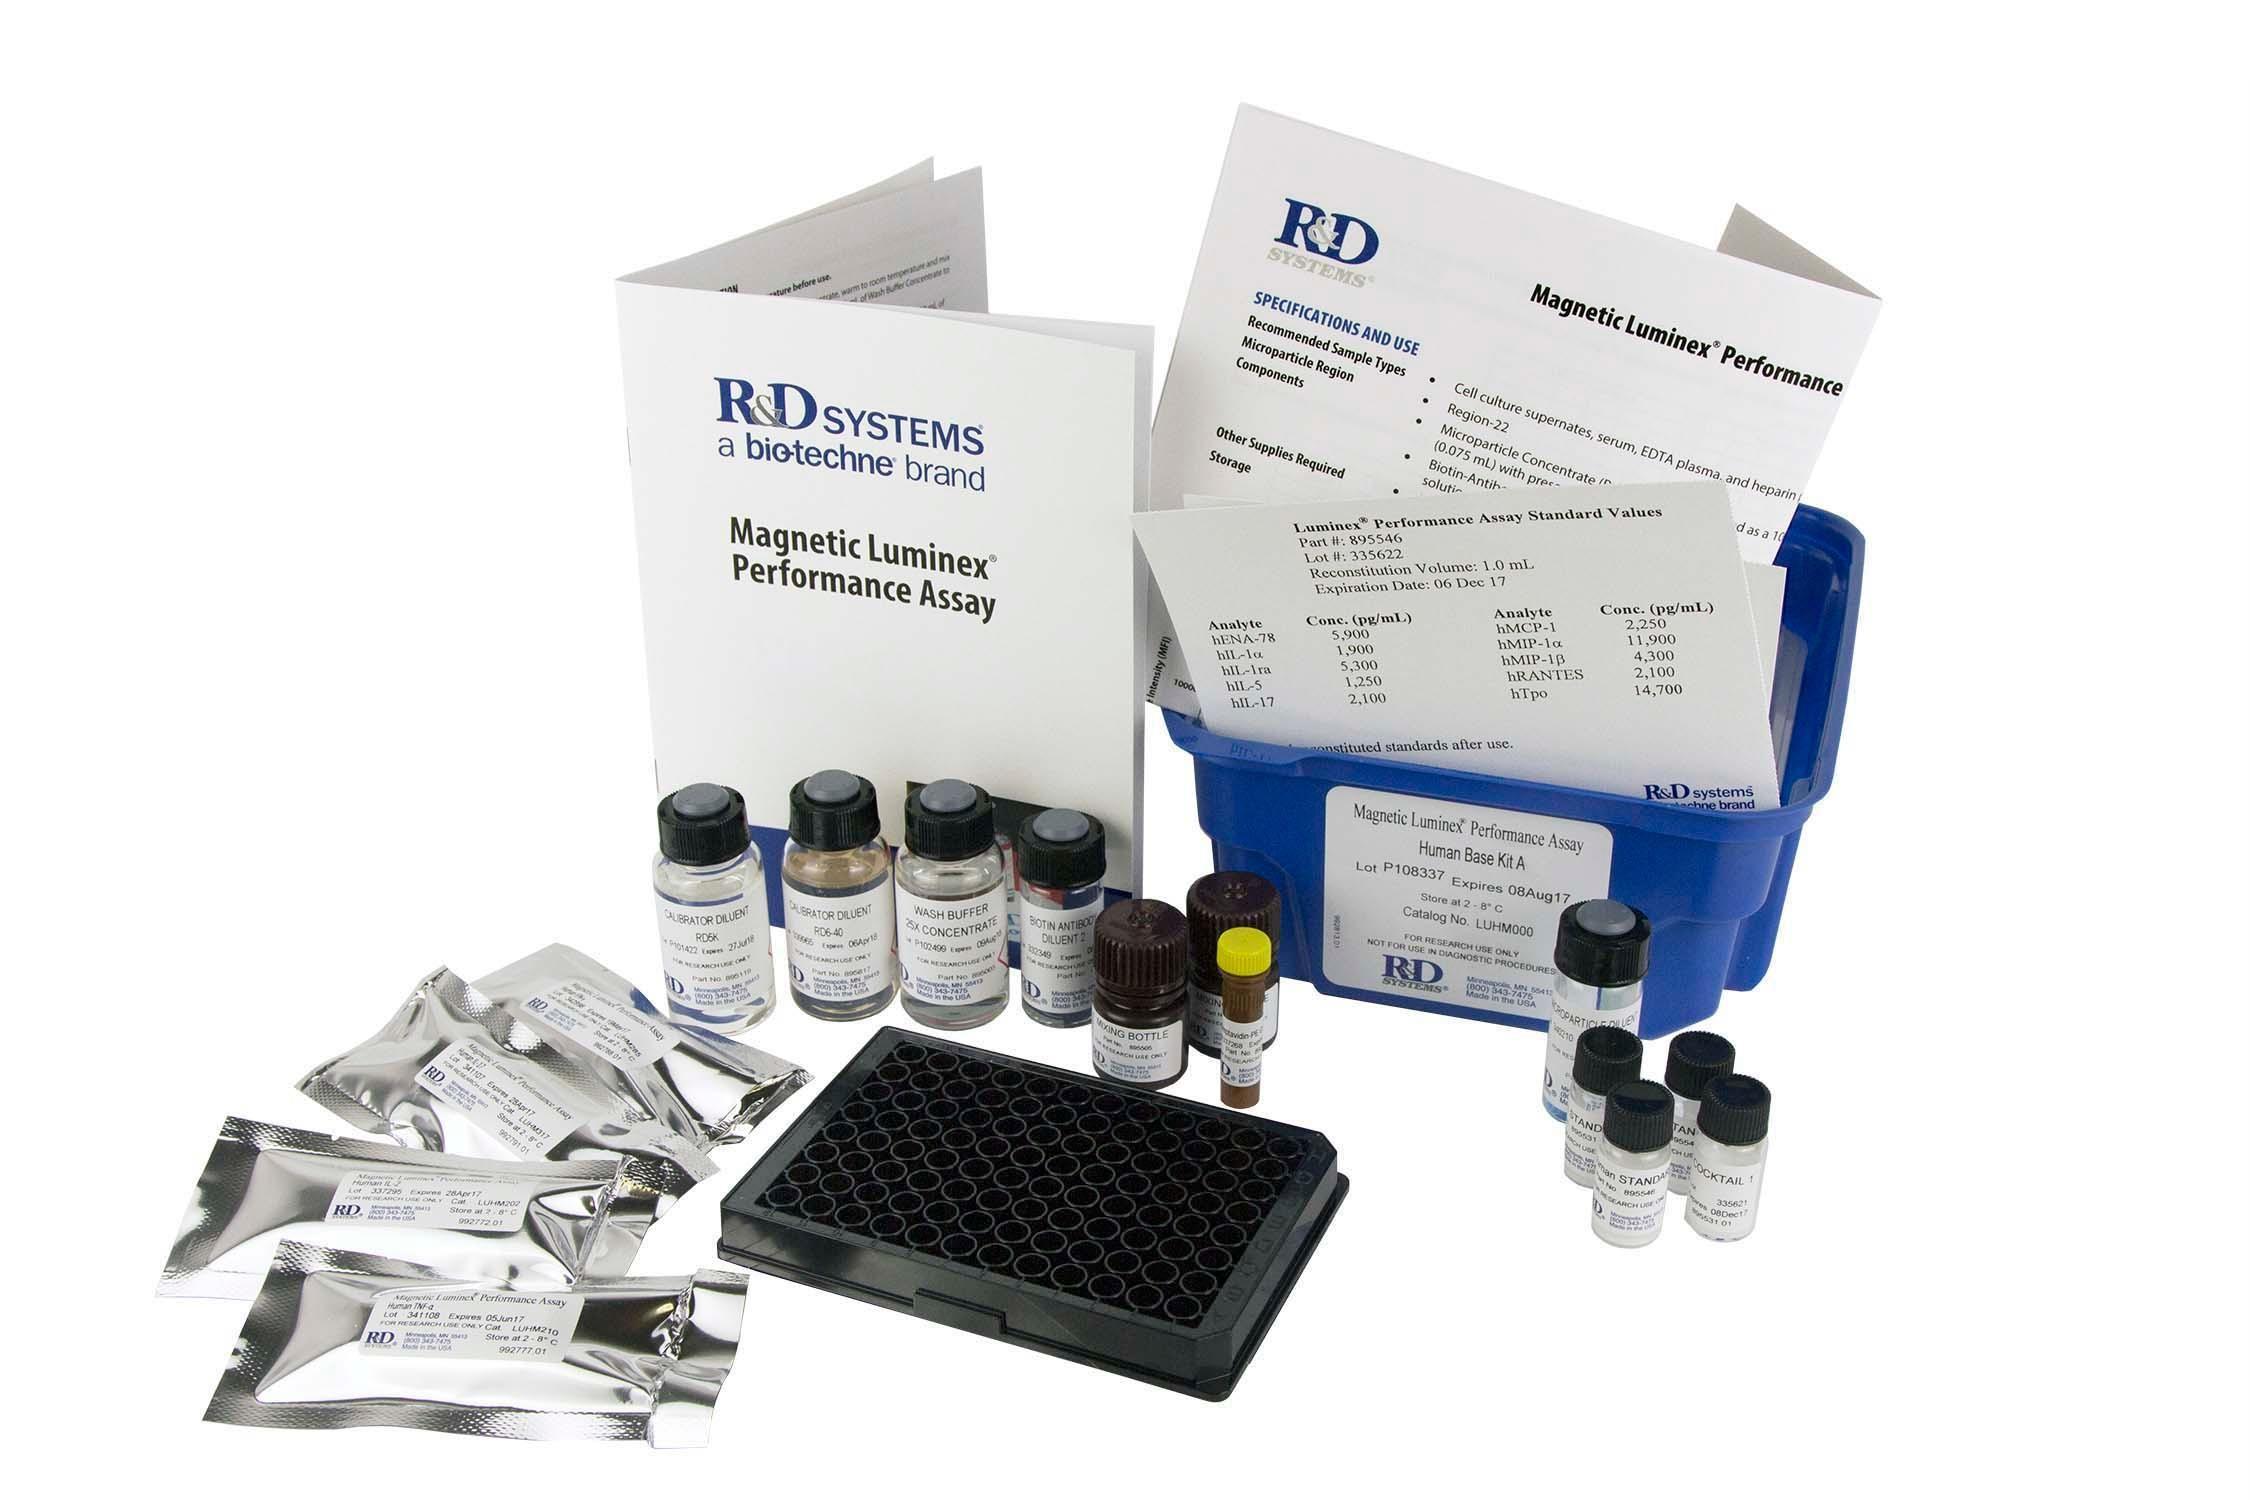 R&D Systems: Human IL-1 alpha/IL-1F1 Magnetic Luminex Performance Assay